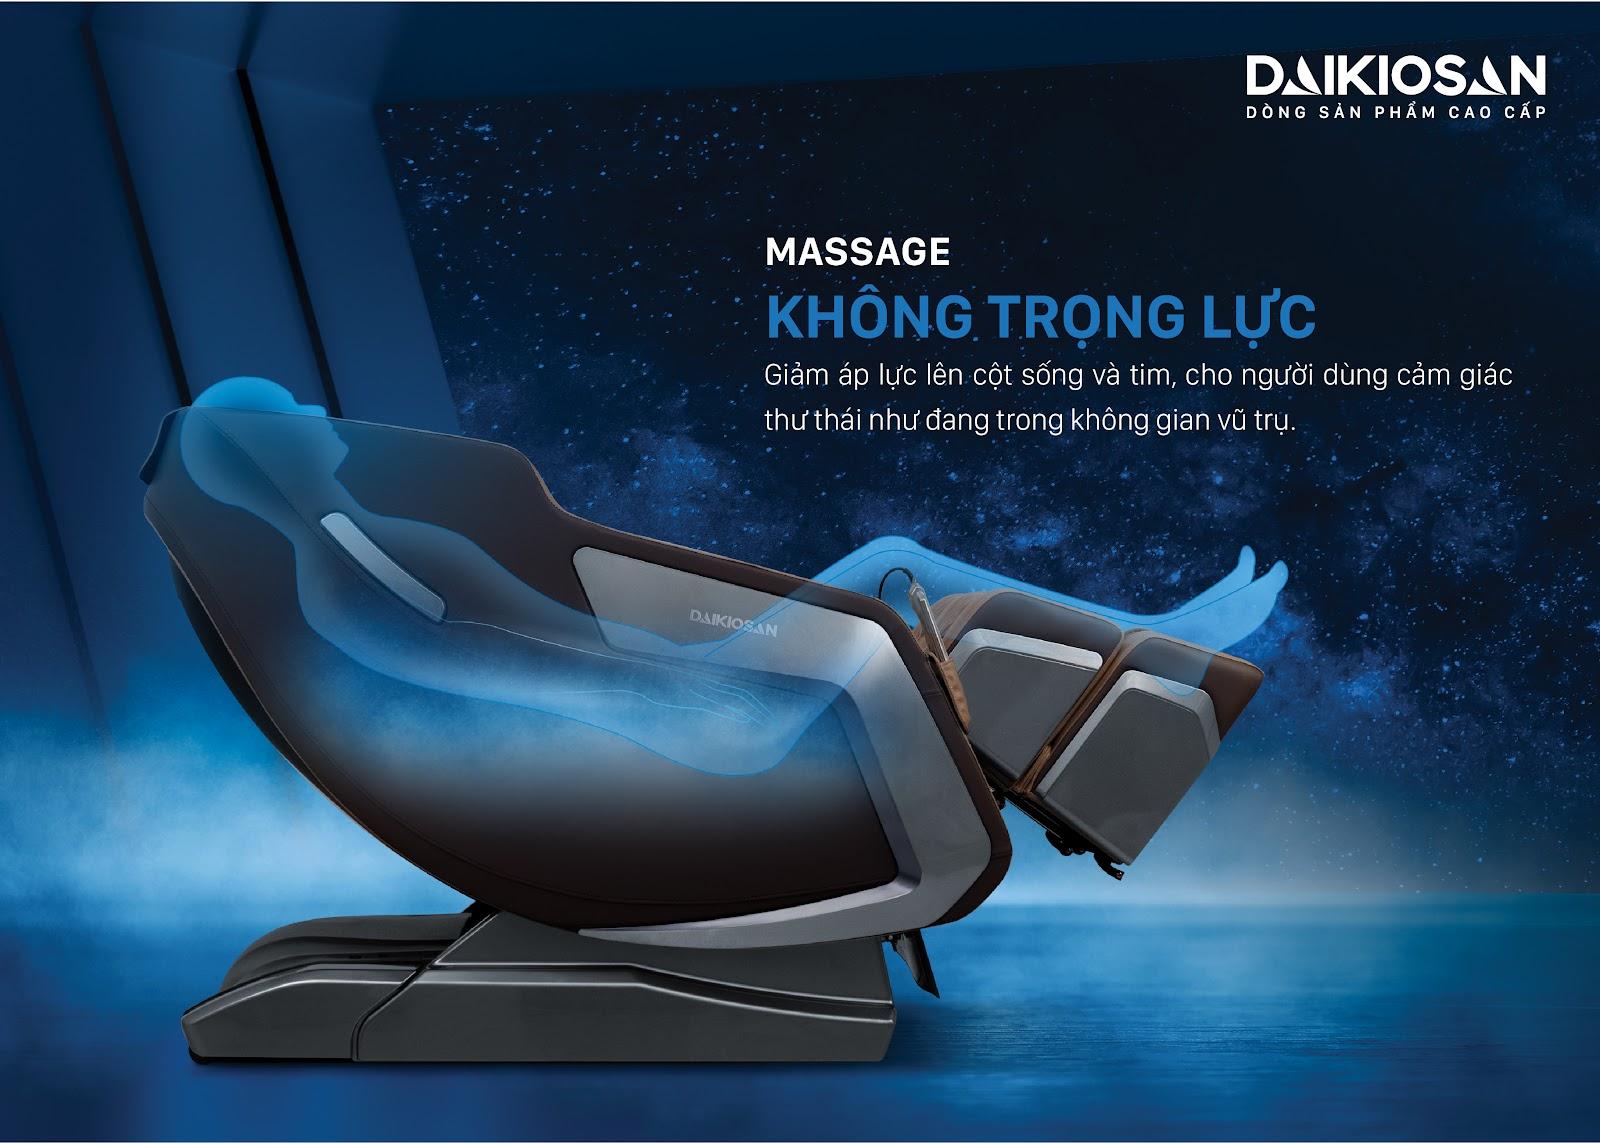 phương pháp massage không trọng lực giúp giảm áp lực lên cột sống